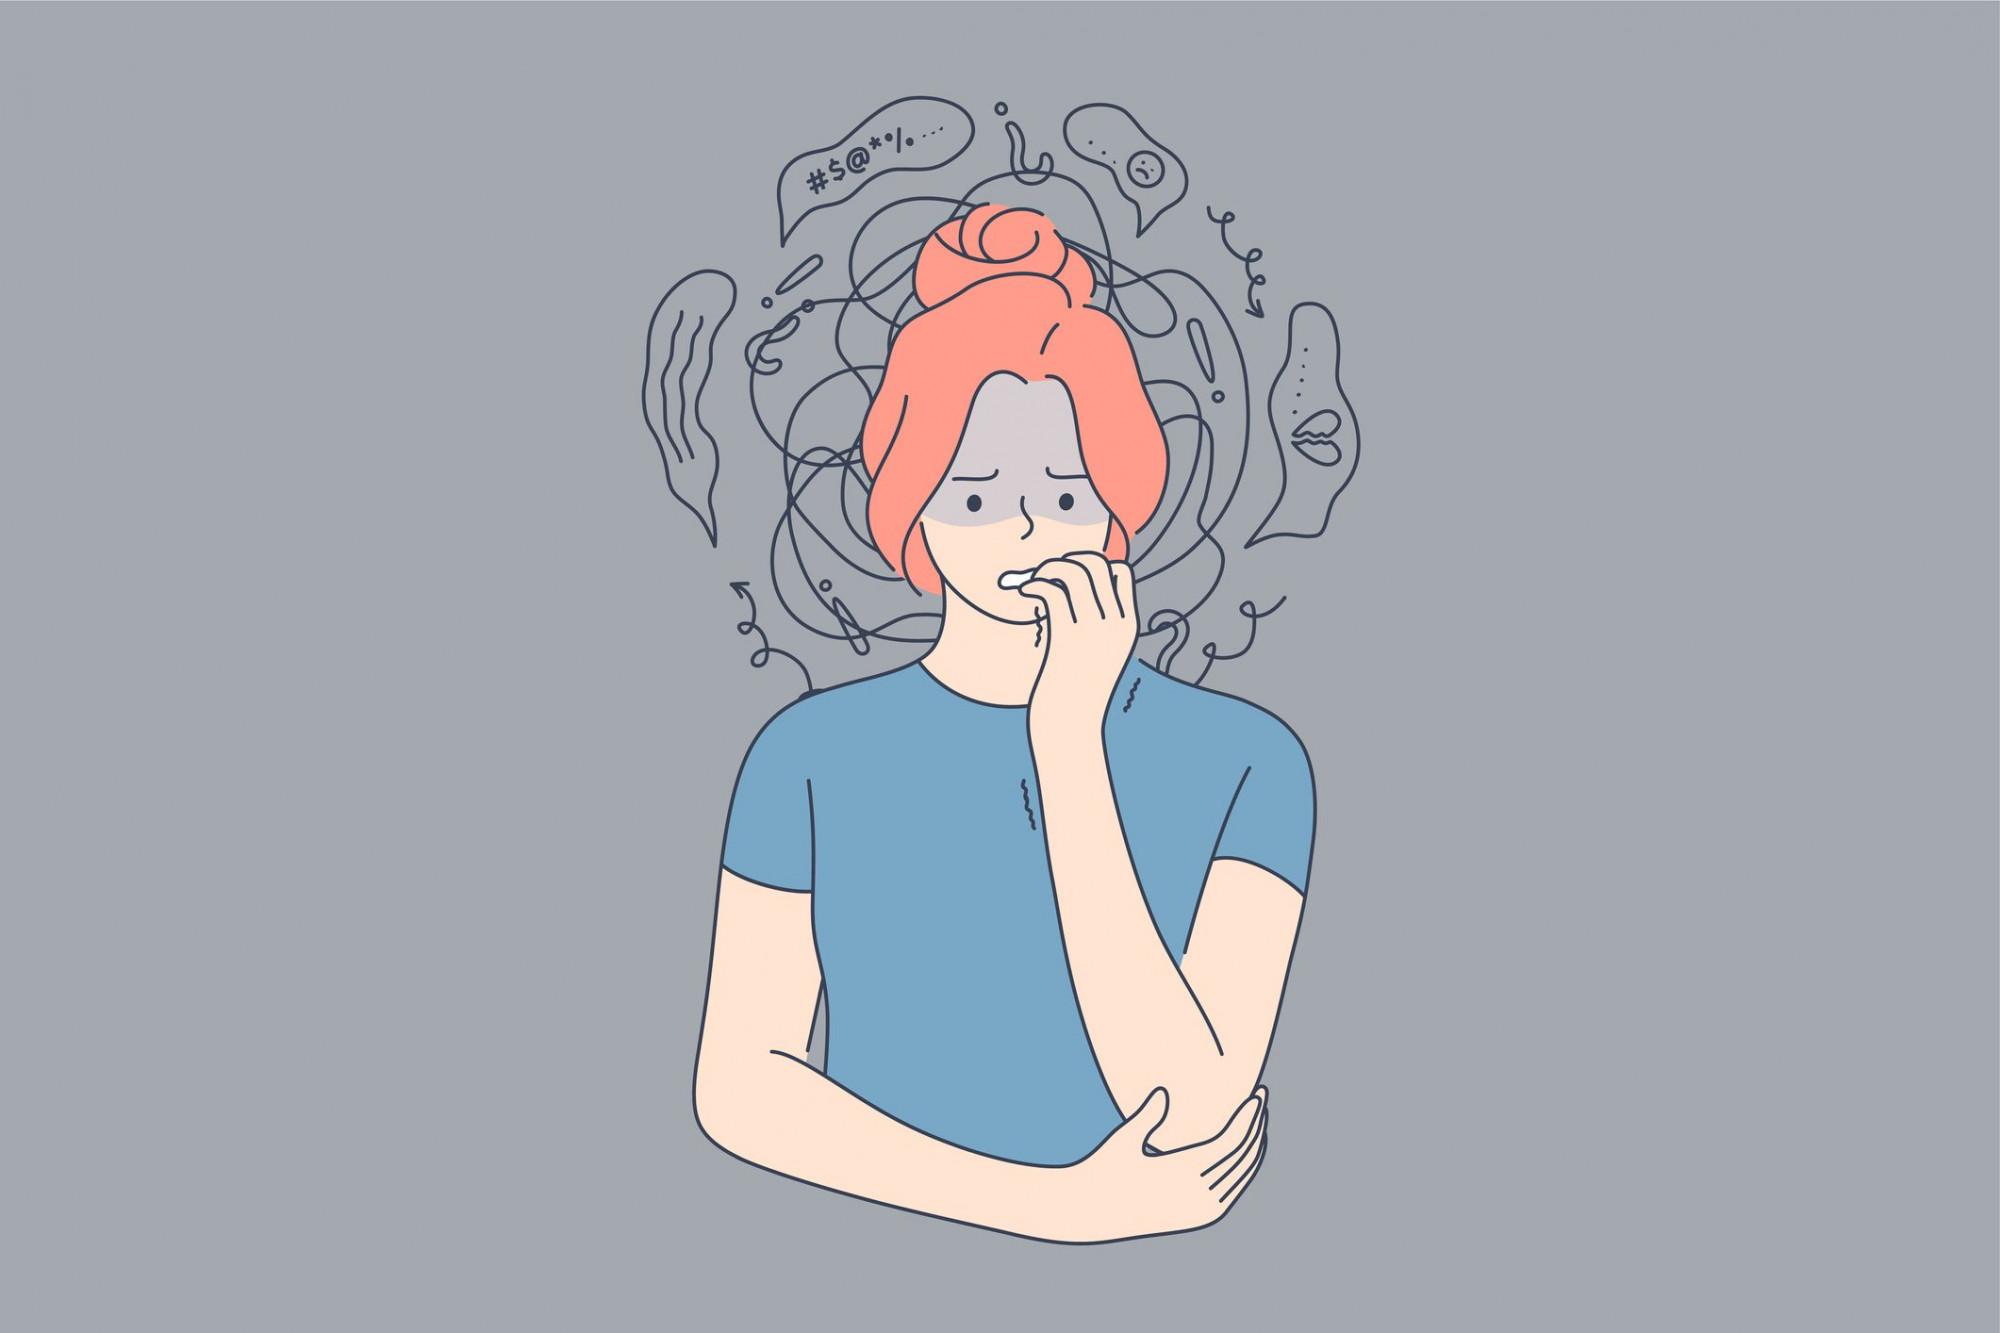 Conheça a técnica 5-4-3-2-1 para o controle da ansiedade